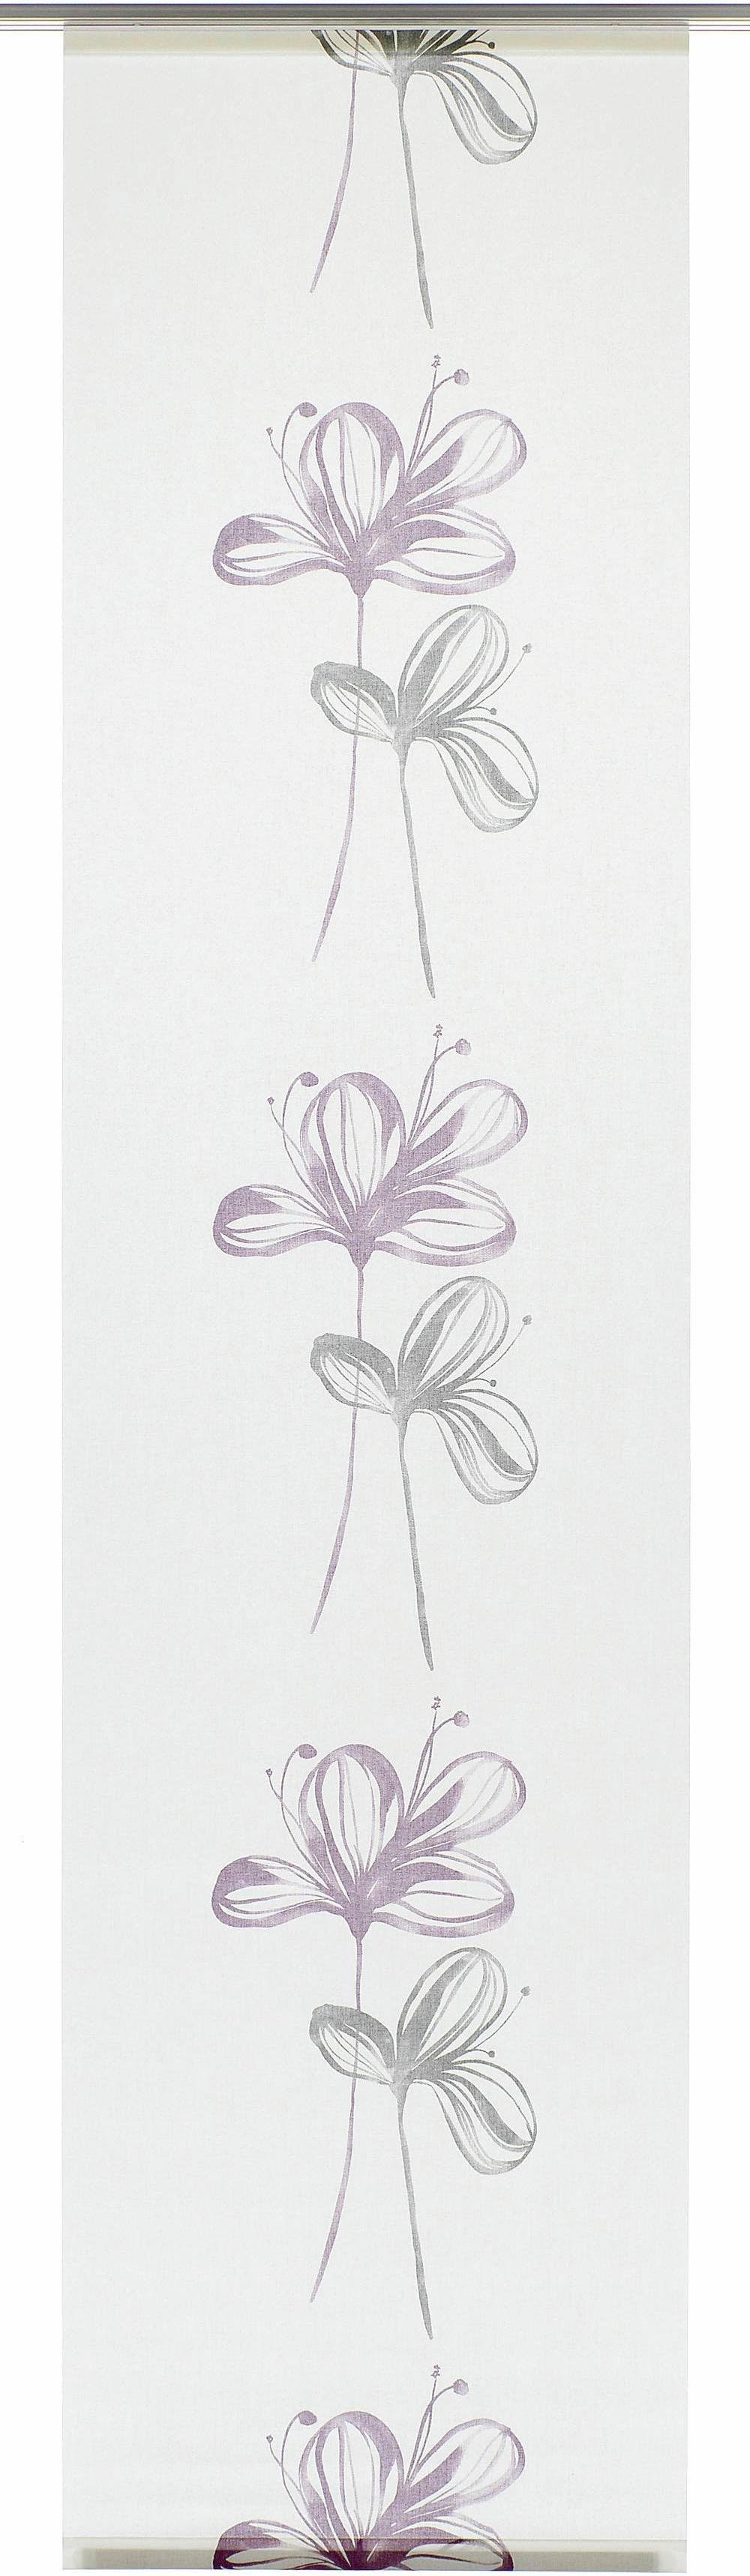 GARDINIA paneelgordijn stof Flower met wit railsysteem HxB: 245x60 (1 stuk) voordelig en veilig online kopen